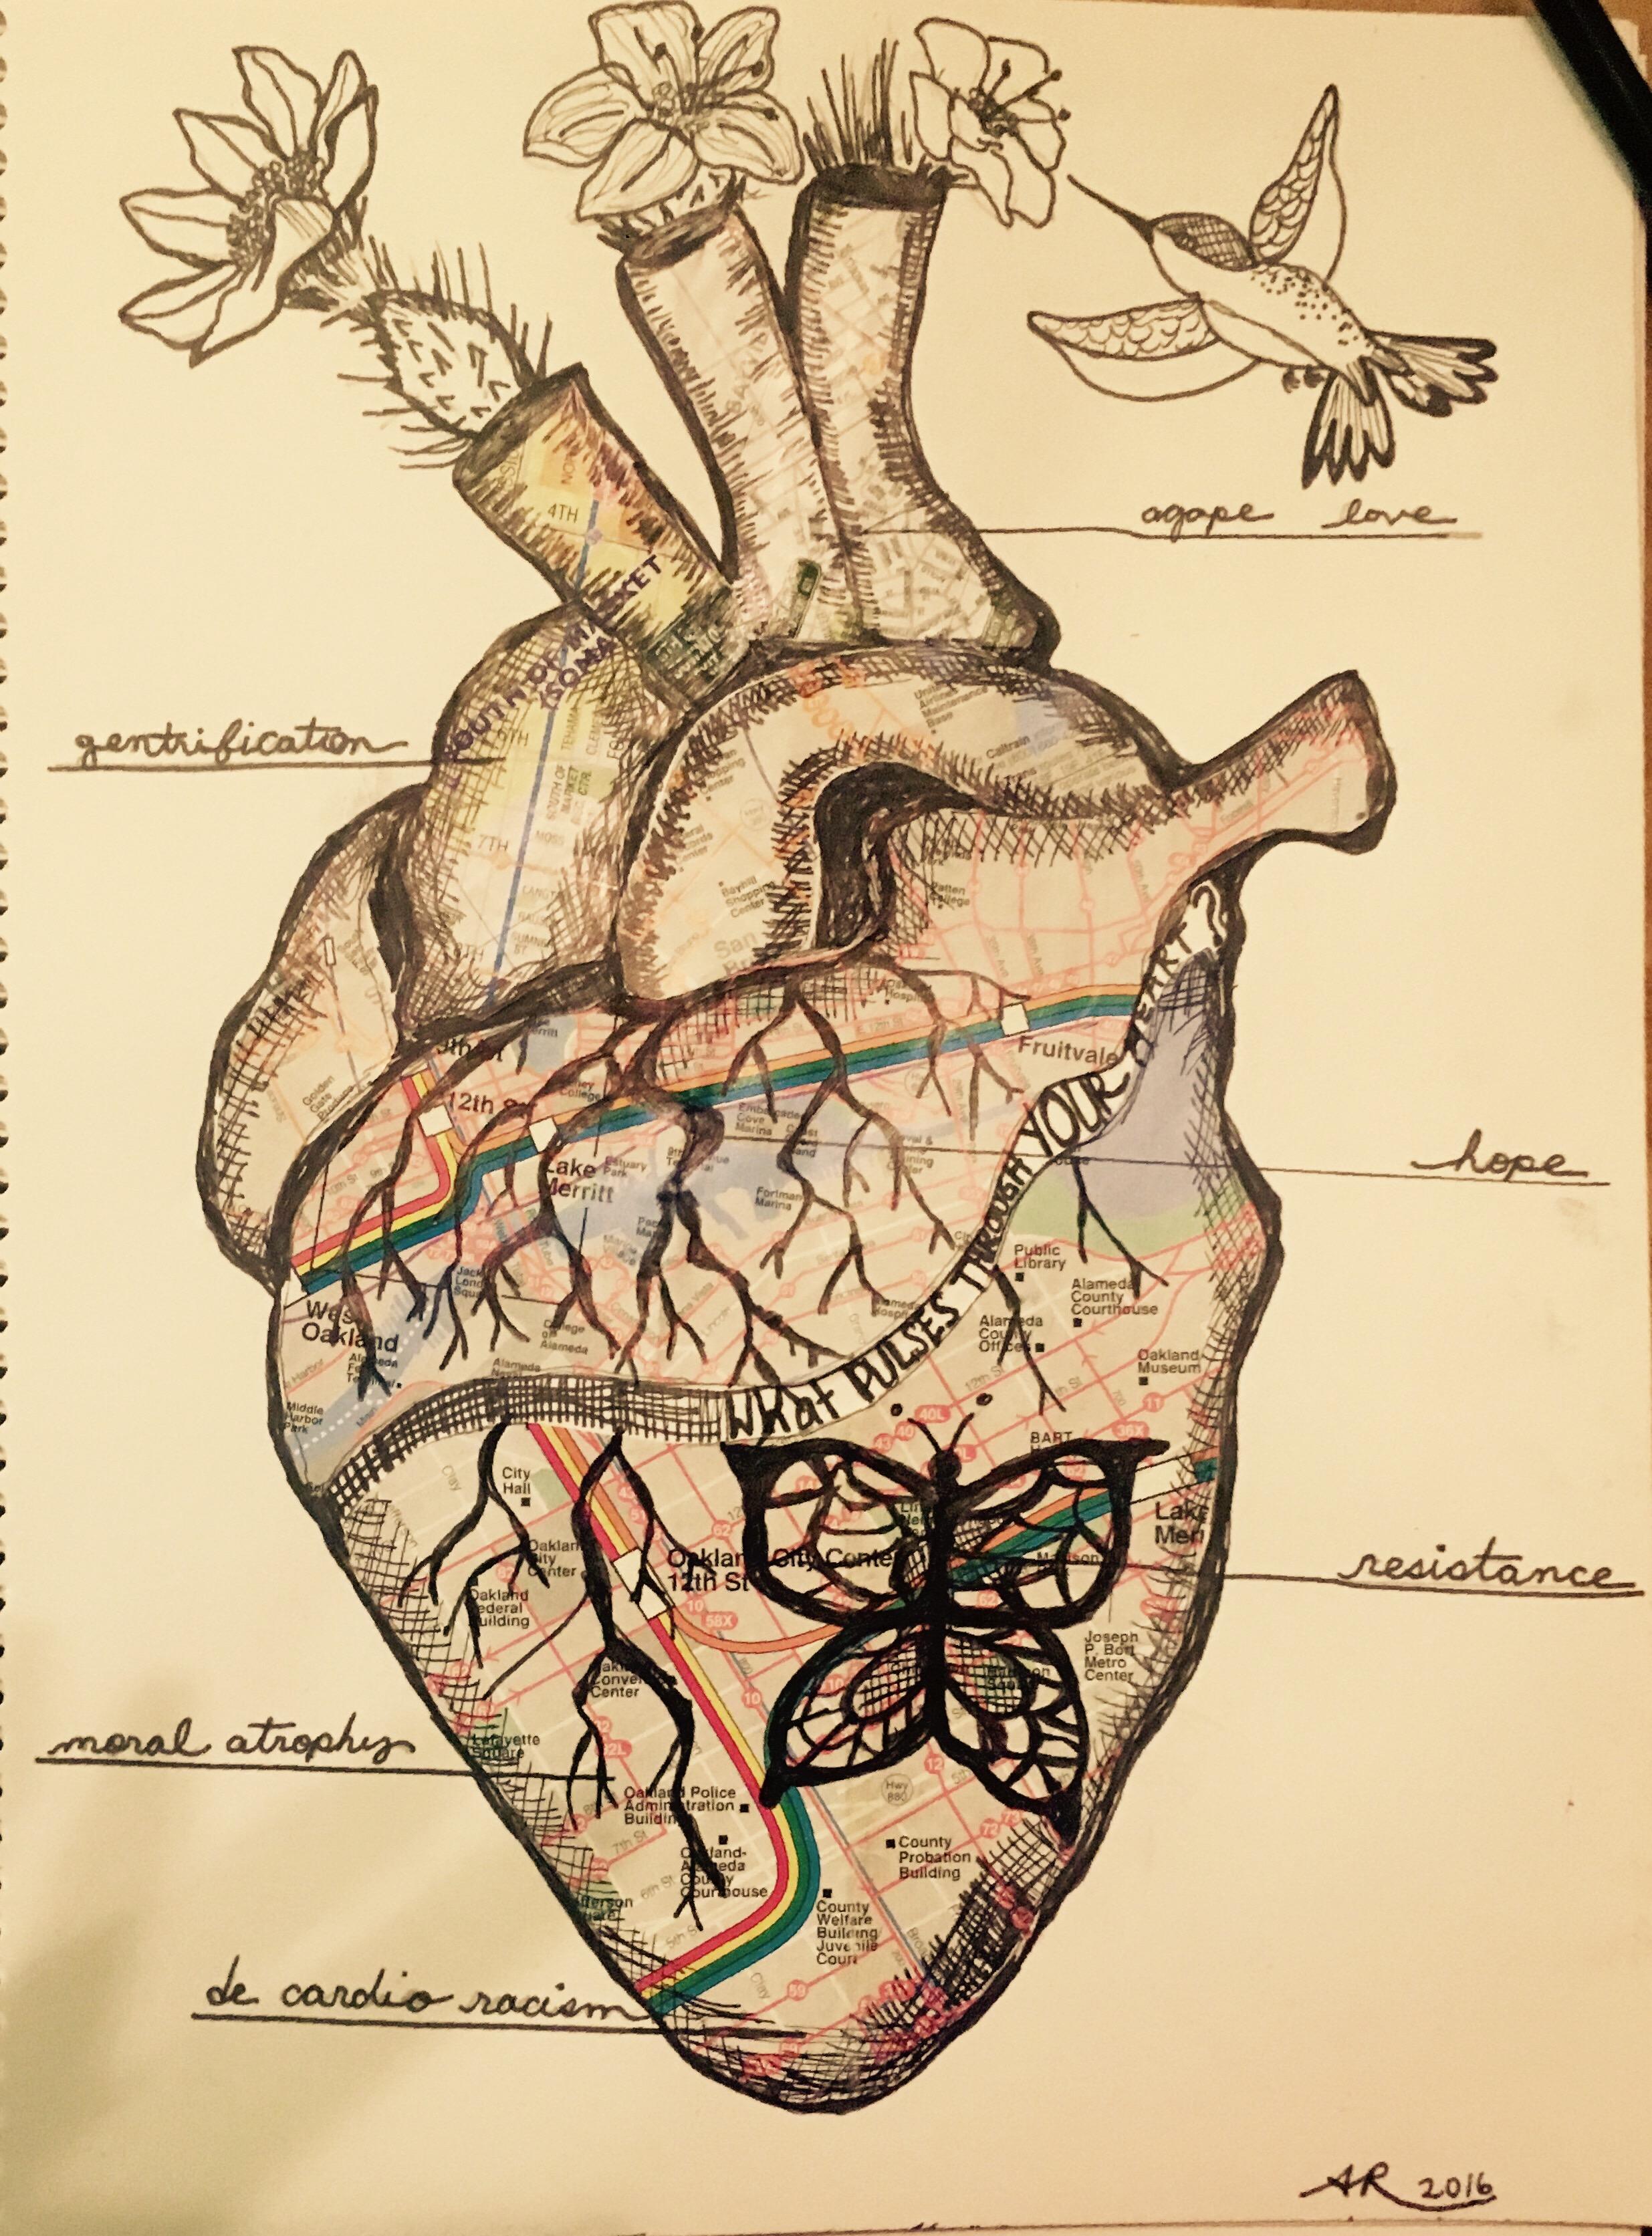 AnnaRíos-Rojas' heart artwork